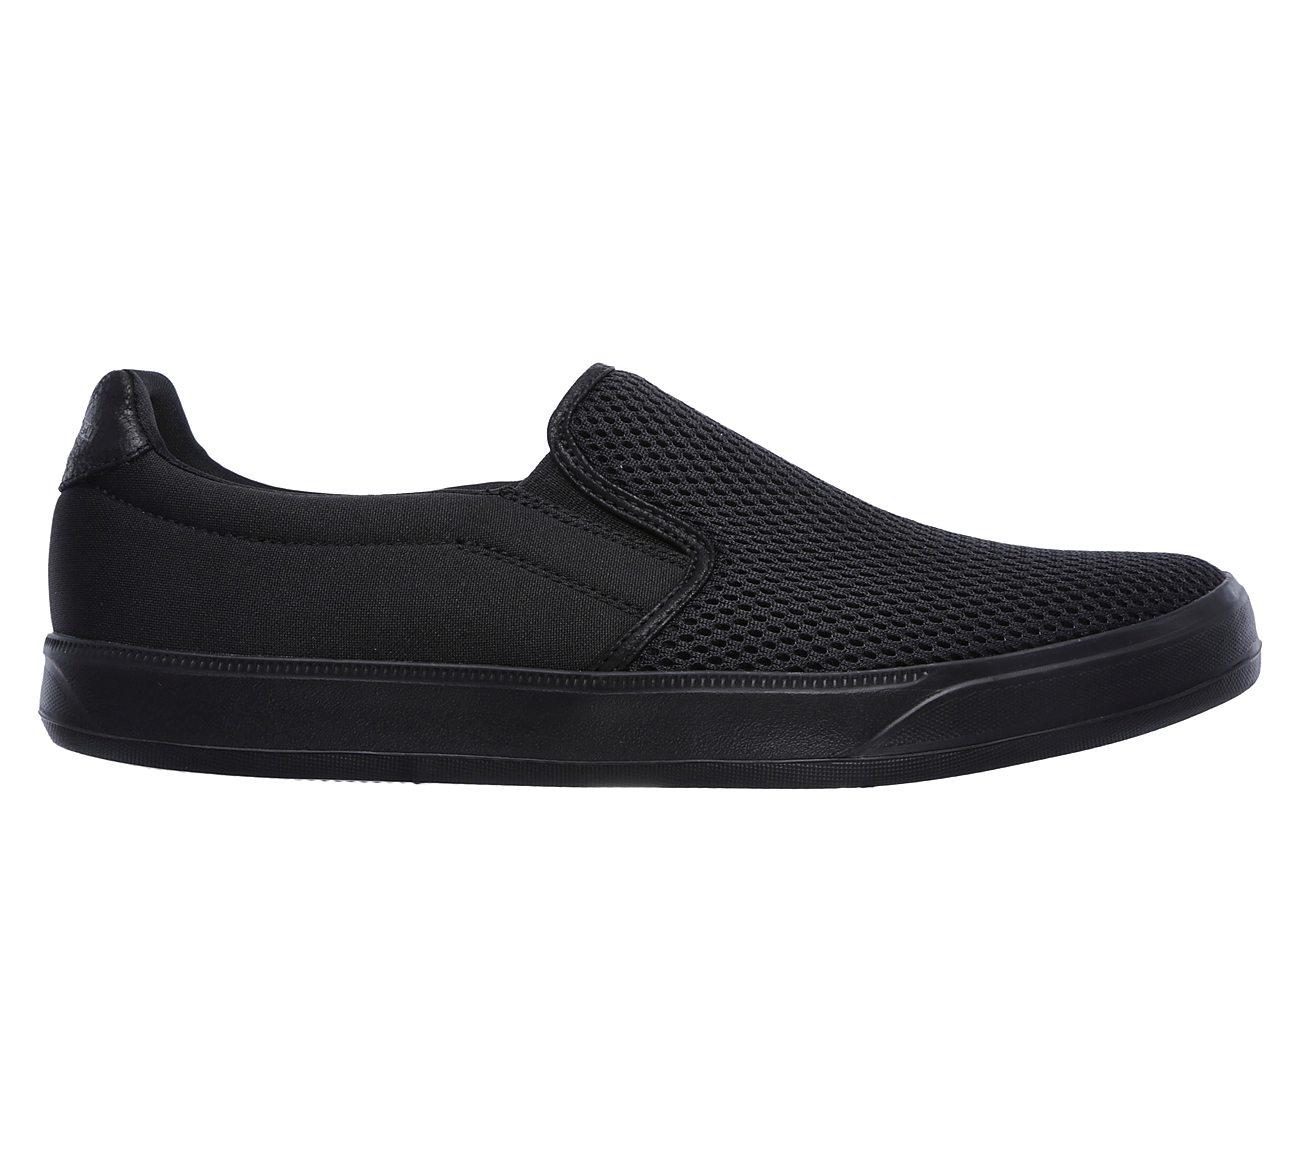 Skechers Go Vulc Mosey Sneakers - HD1OT5930